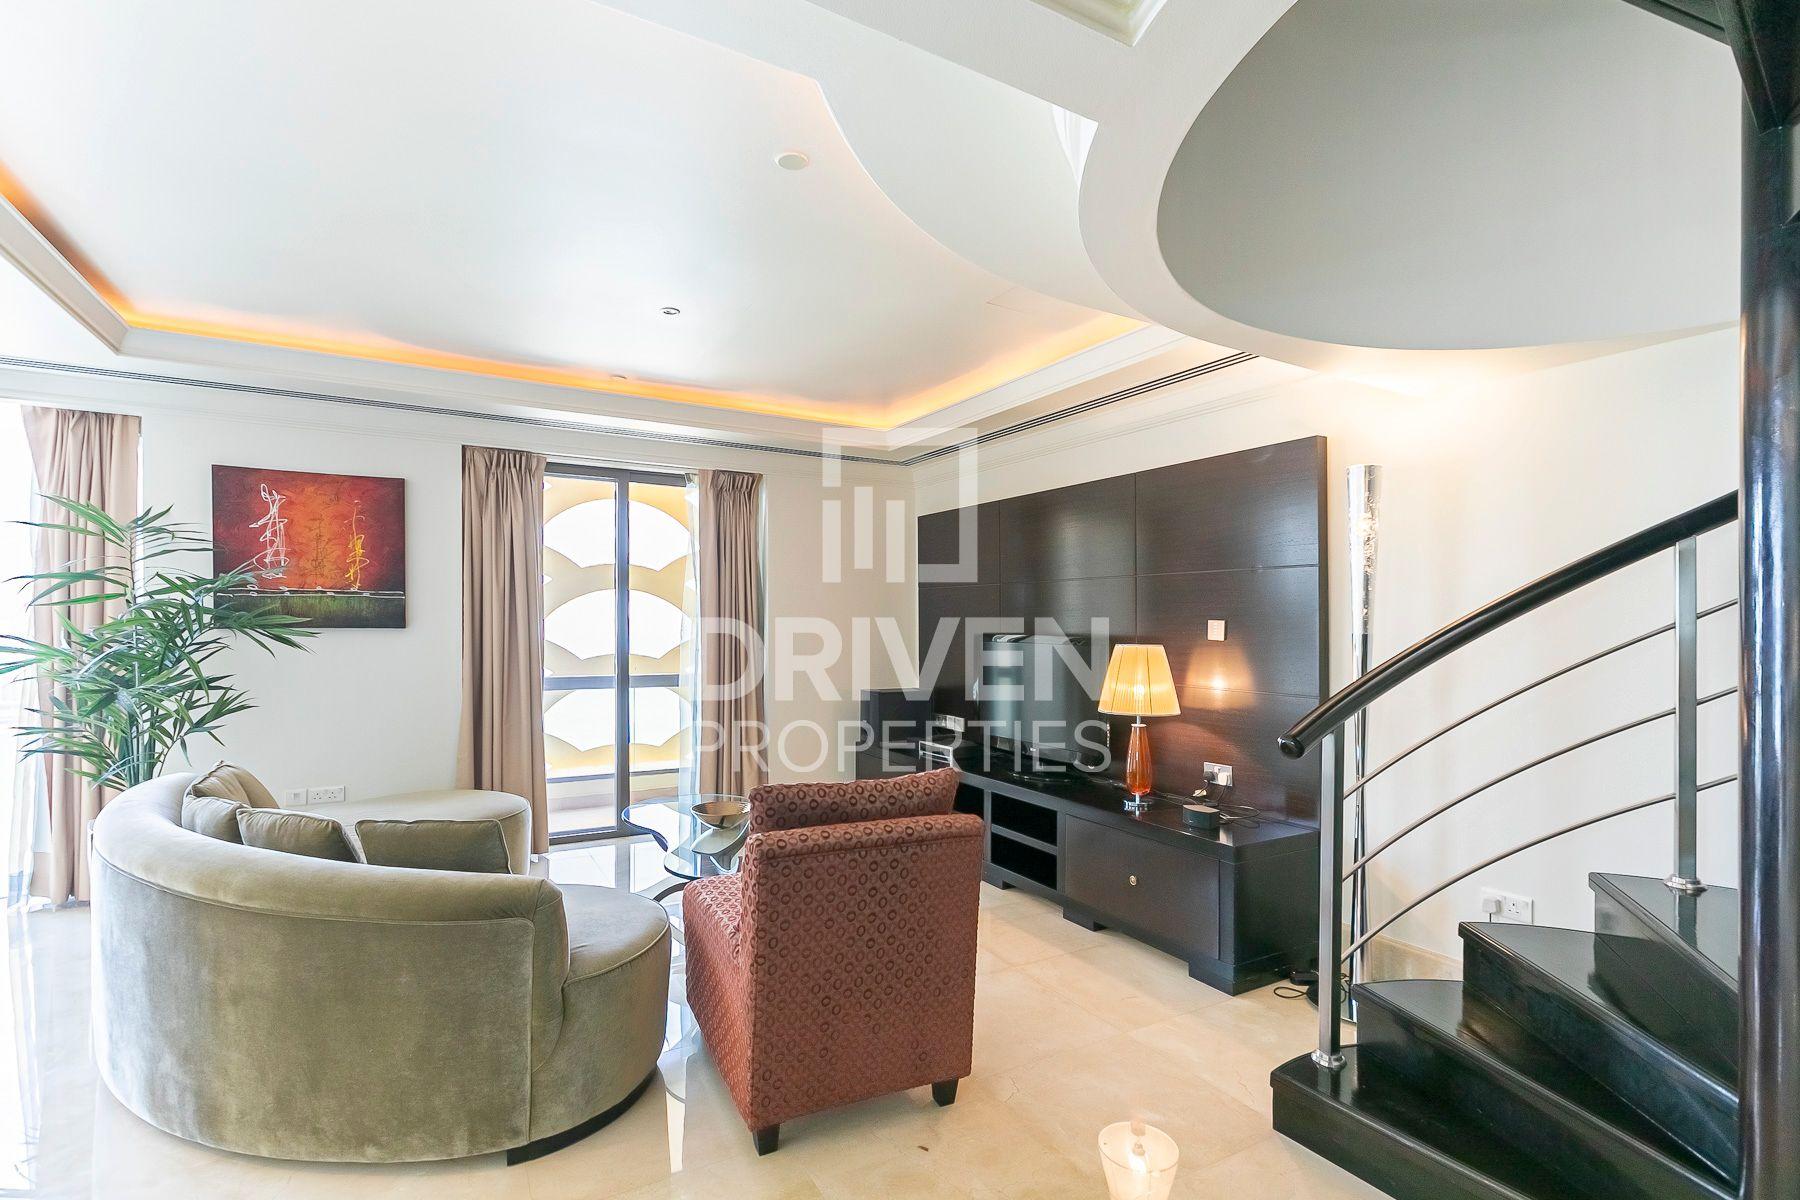 Penthouse for Rent in Murjan 4 - Jumeirah Beach Residence